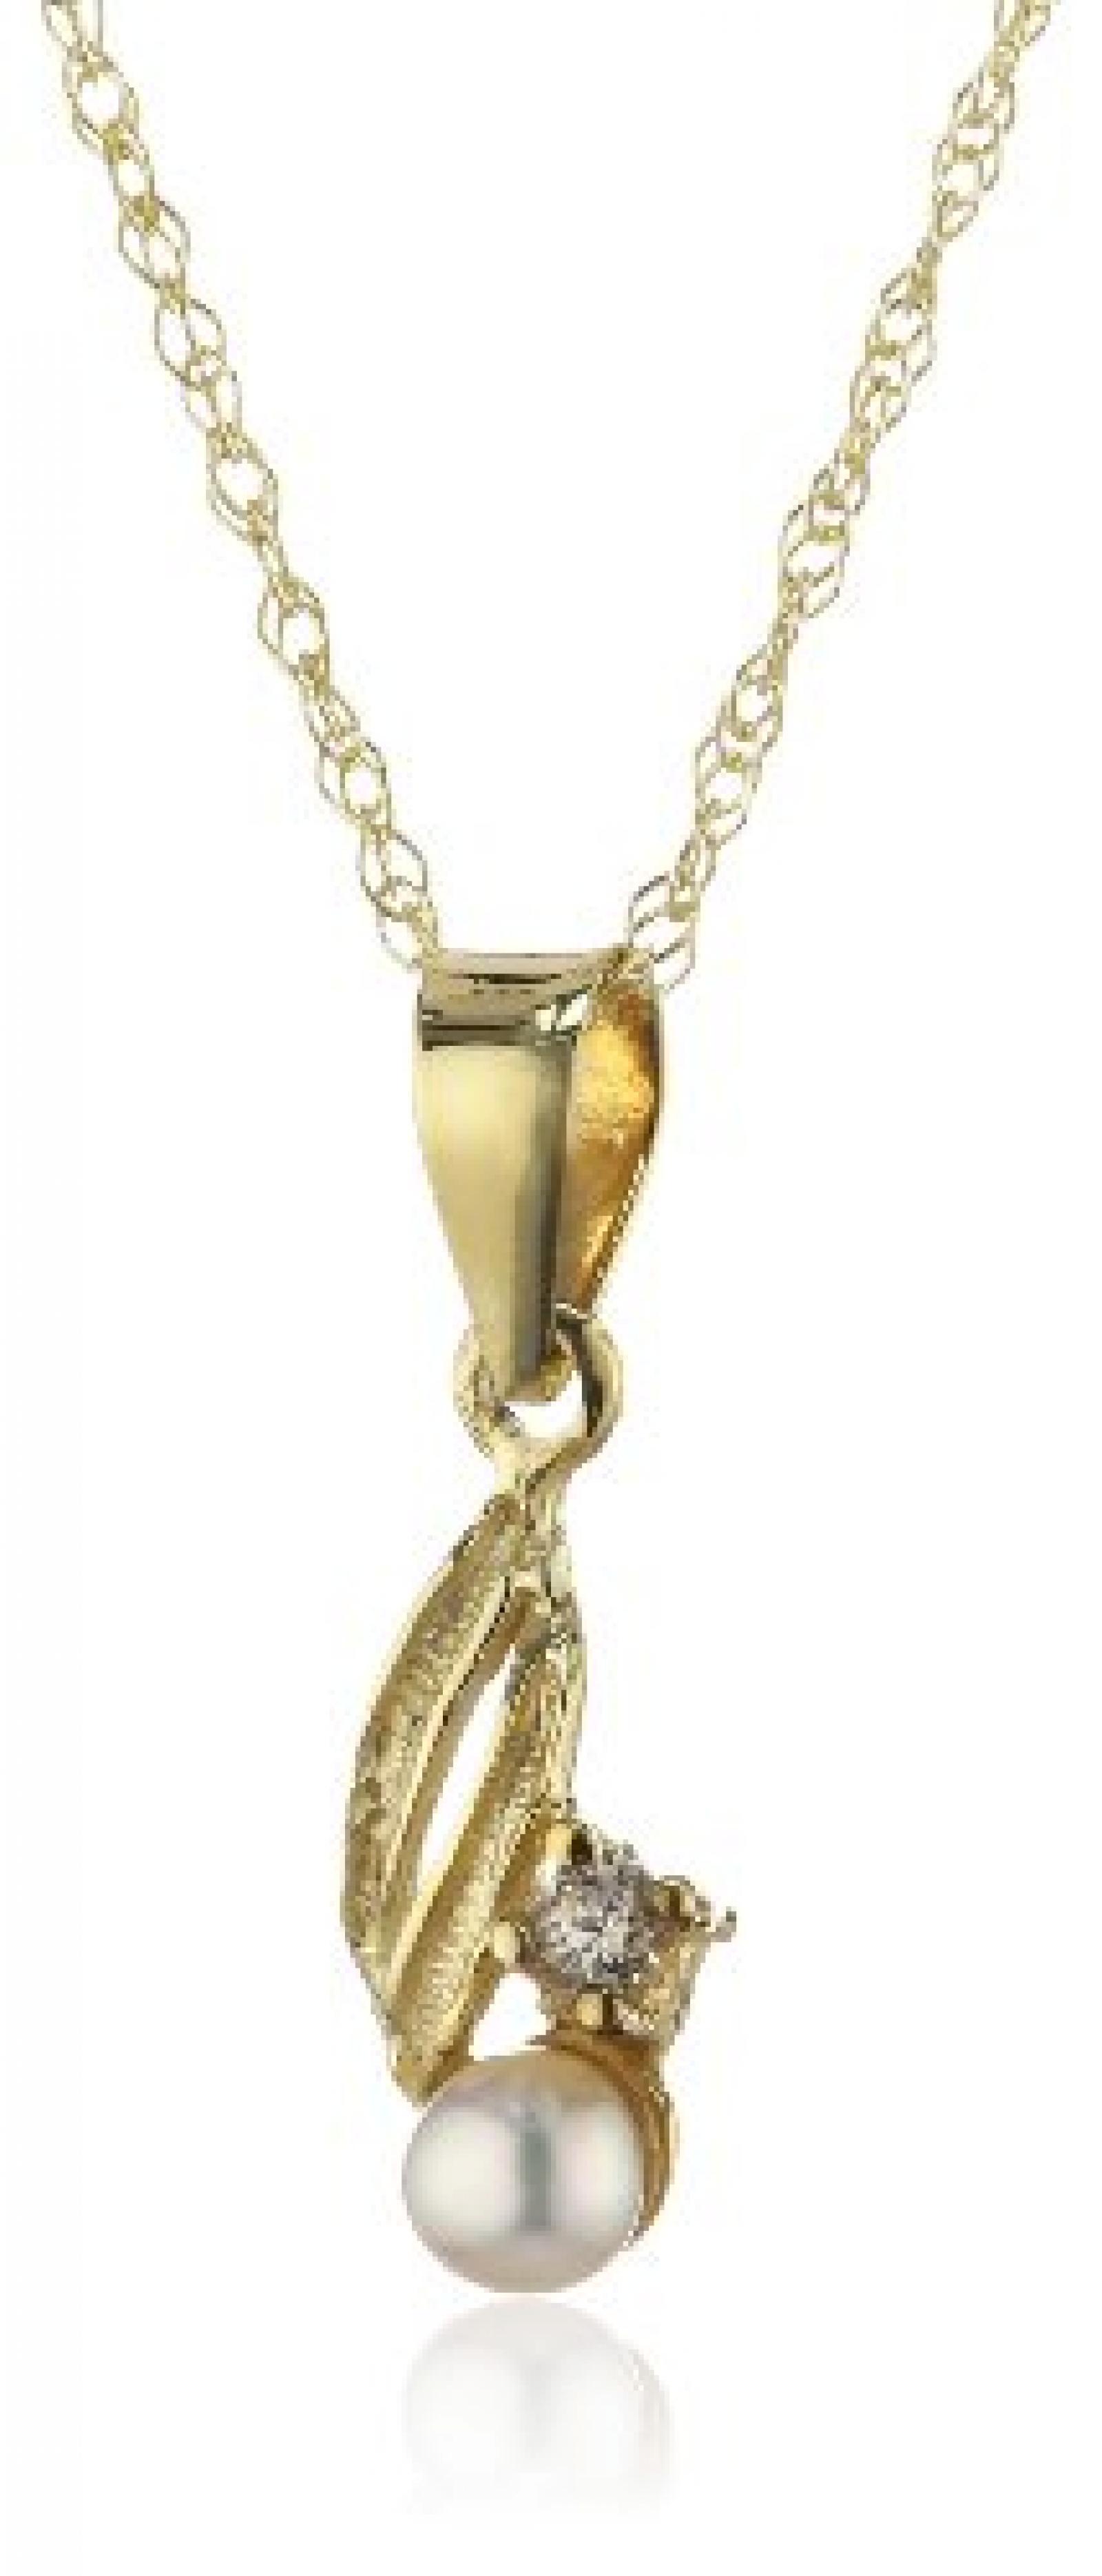 Amor Jewelry Damen-Halskette 8 Karat 333 Gelbgold 385138